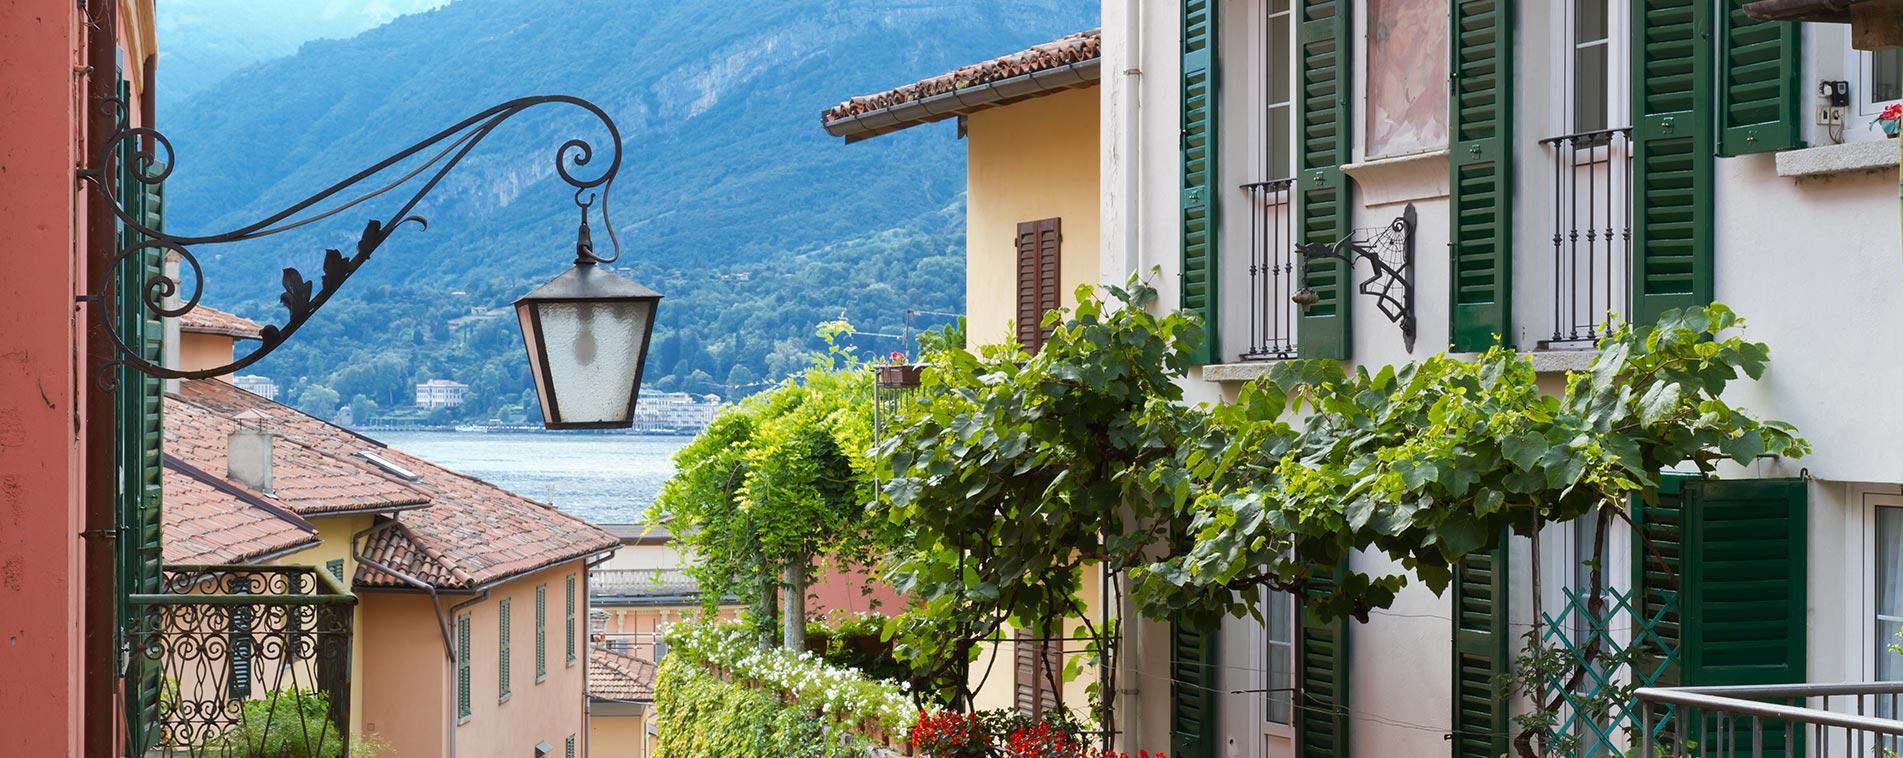 Comolake il portale del lago di como ristoranti e locali agriturismo hotel residence - Interni verano brianza ...